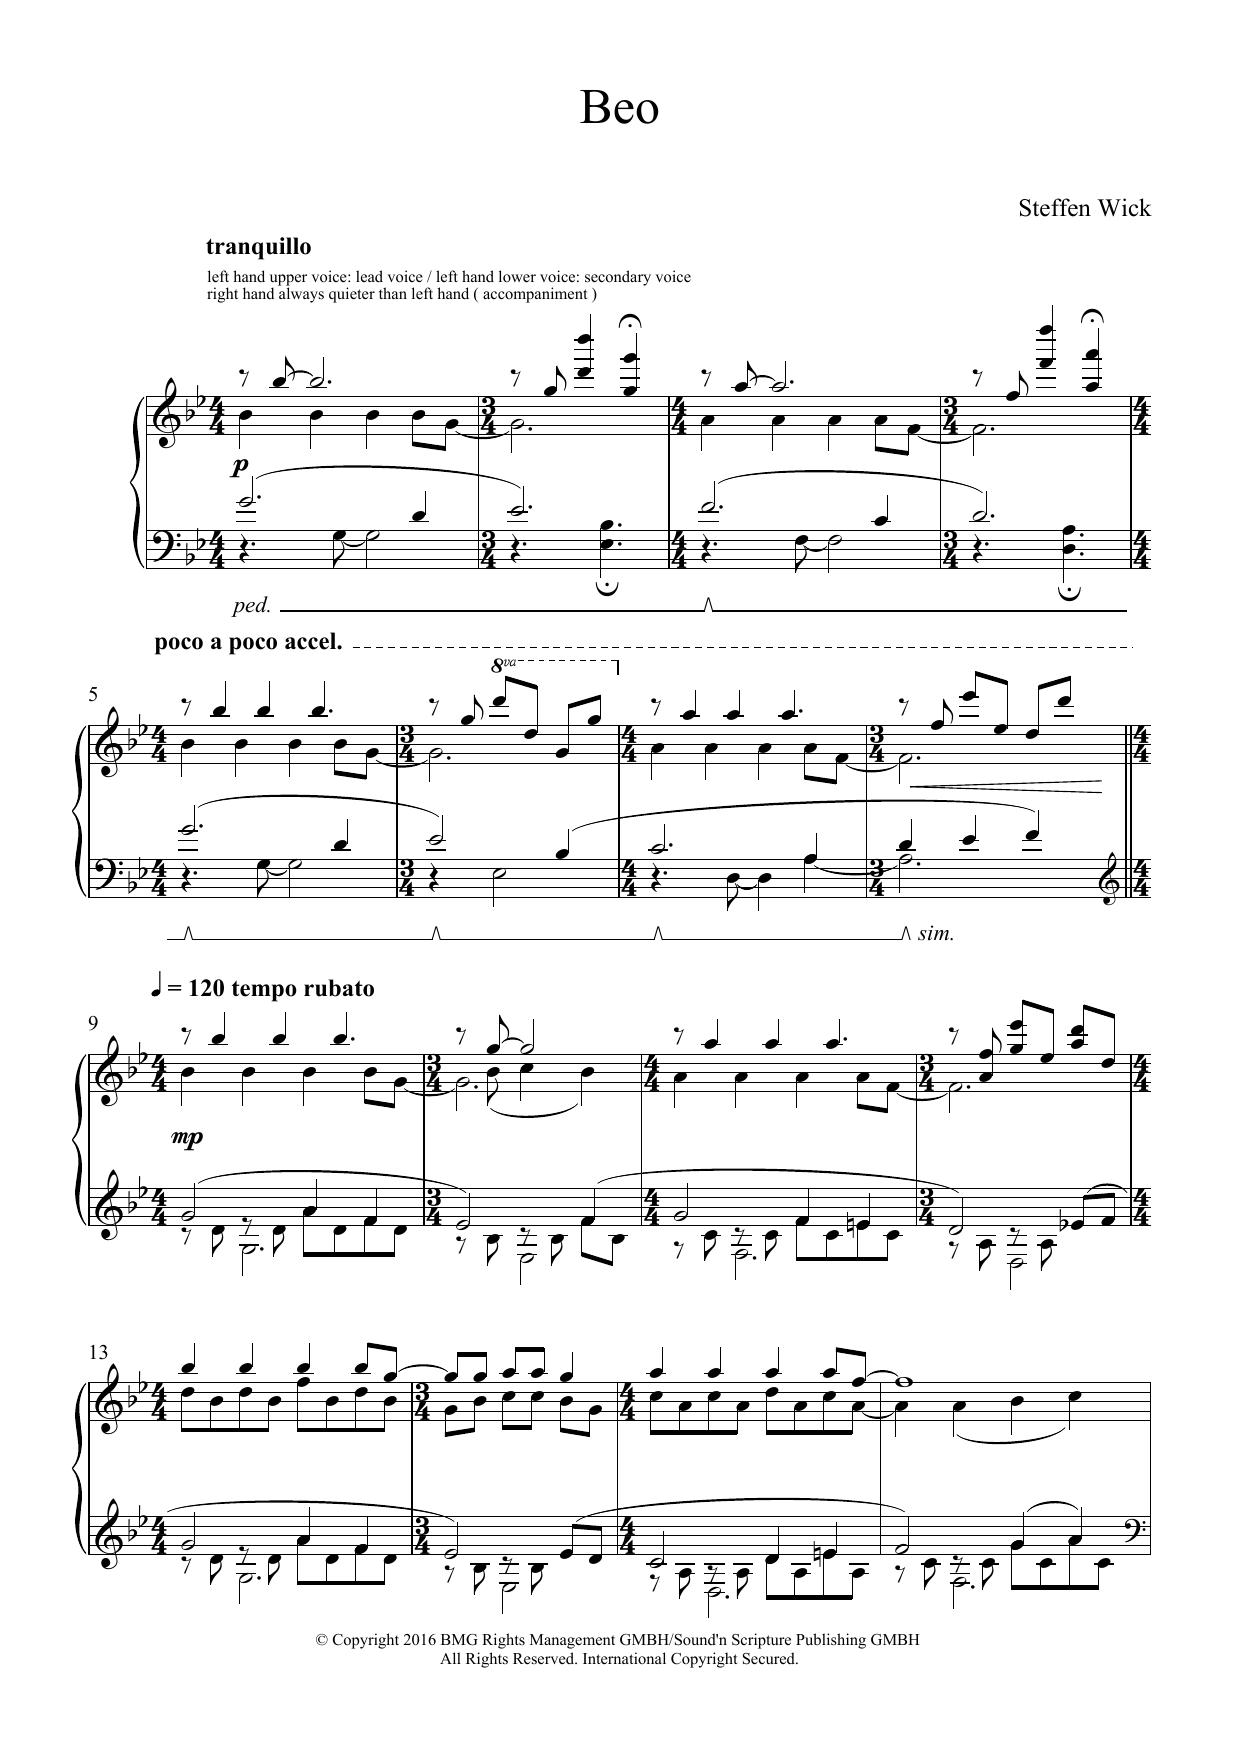 Beo Sheet Music